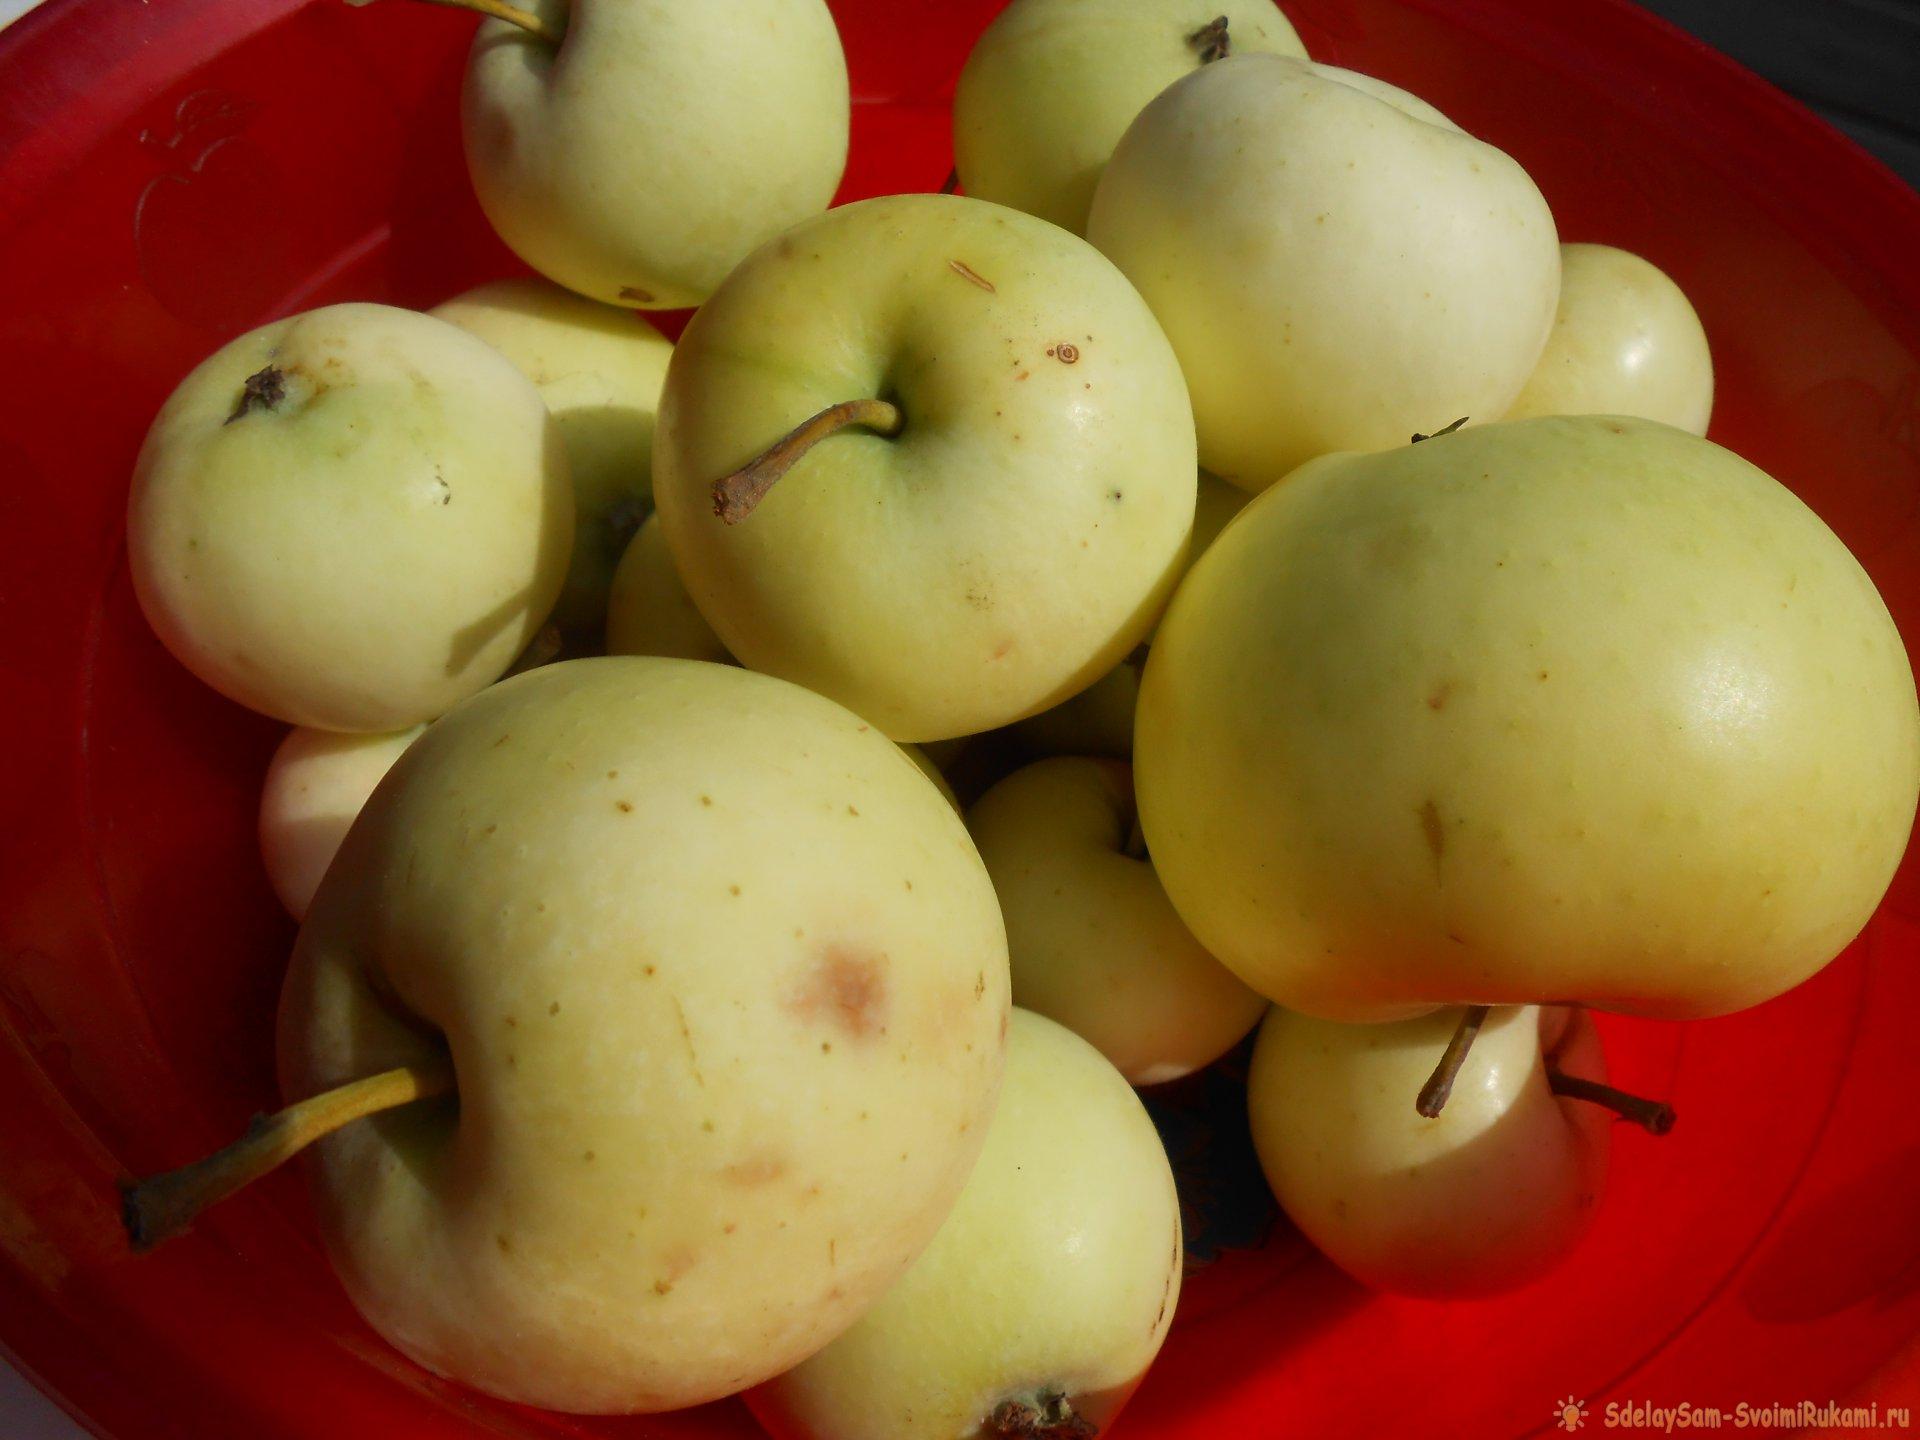 Использование падалицы из яблок для изготовления компоста и обустройства теплых грядок